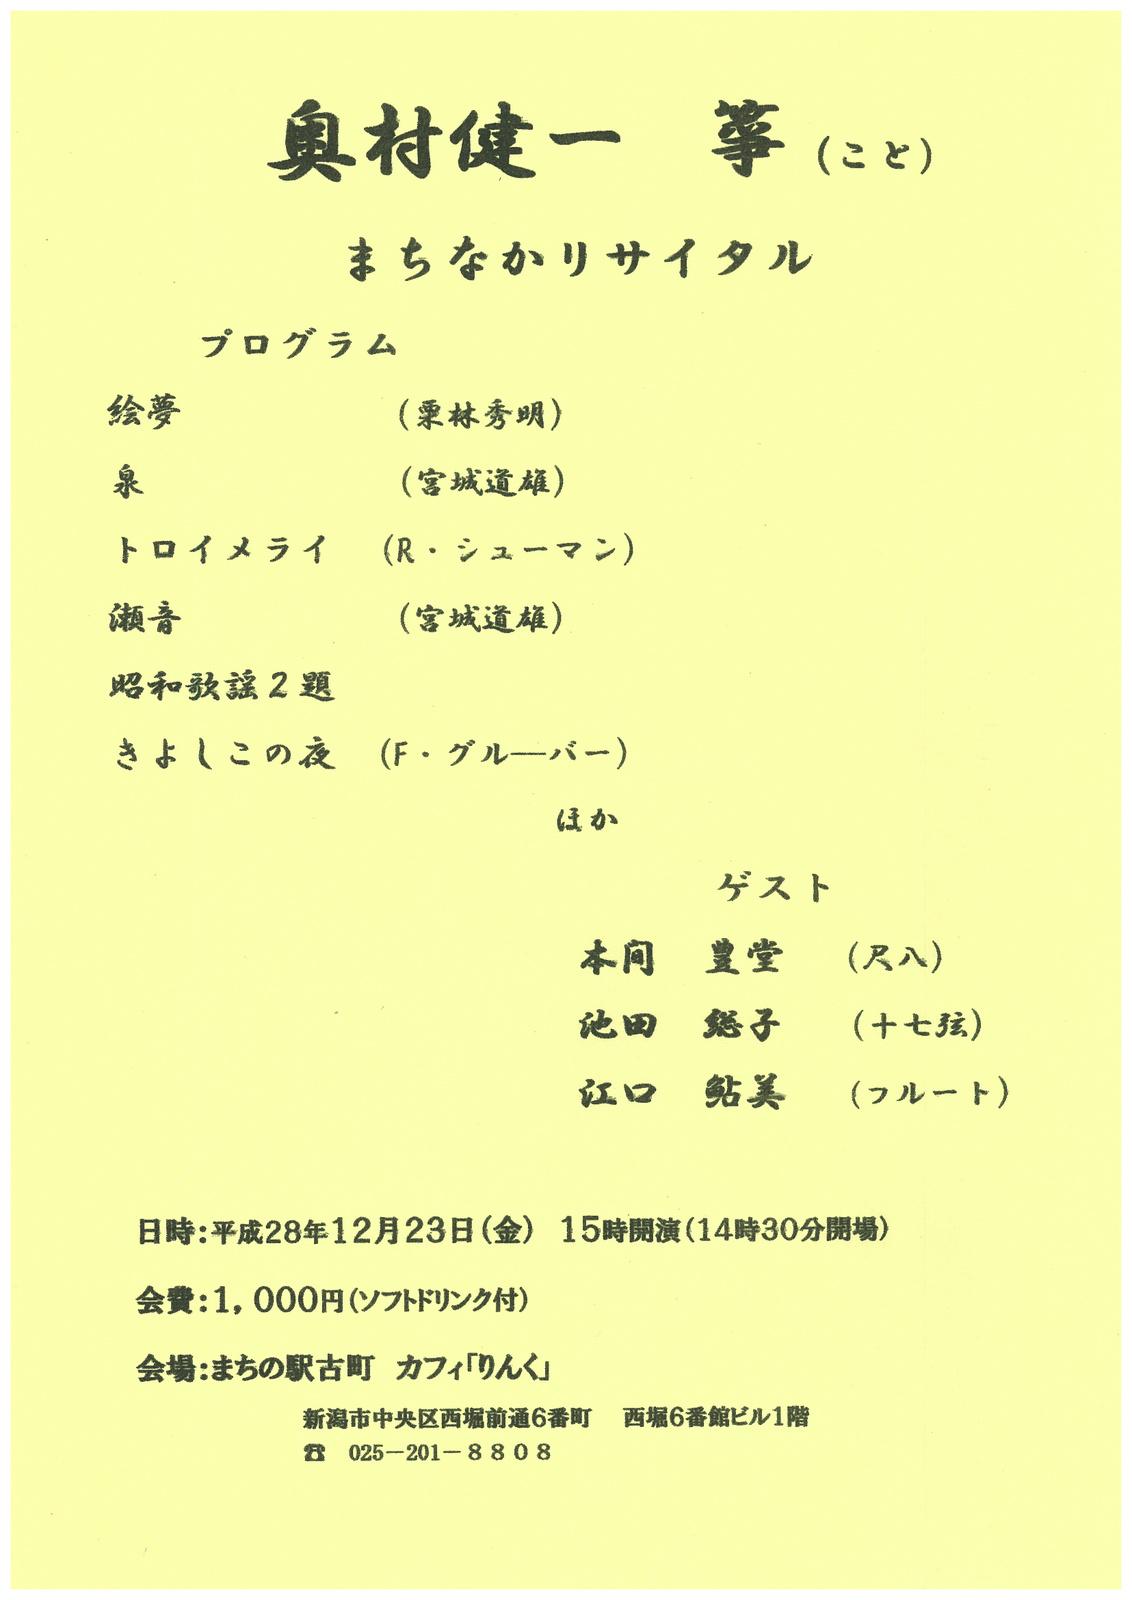 いよいよ明日からNoism2発進!!_e0046190_1739323.jpg